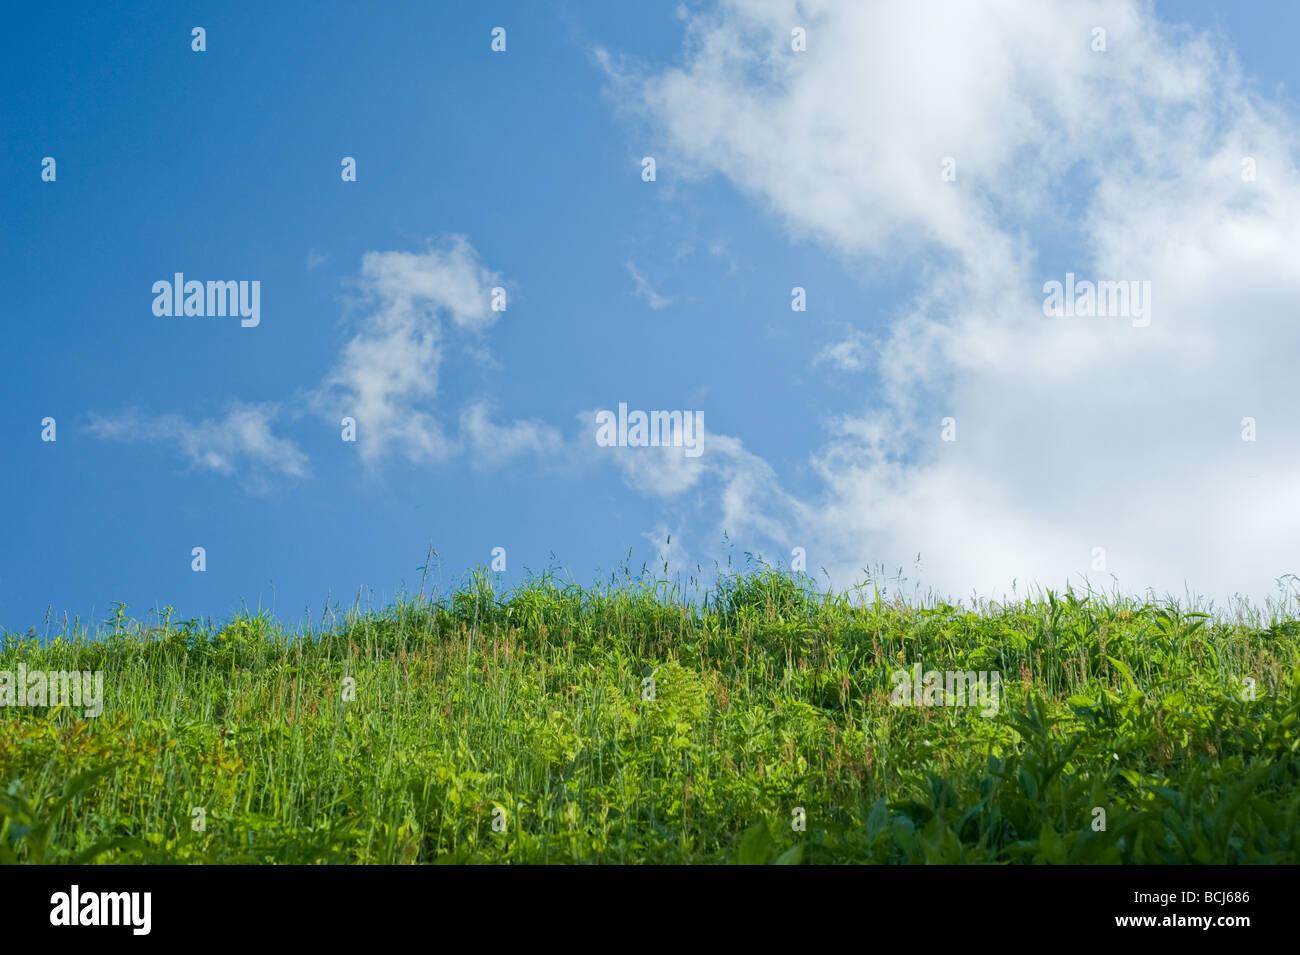 Bellissimo prato che raggiunge il cielo con nuvole bianche e blu del cielo Immagini Stock